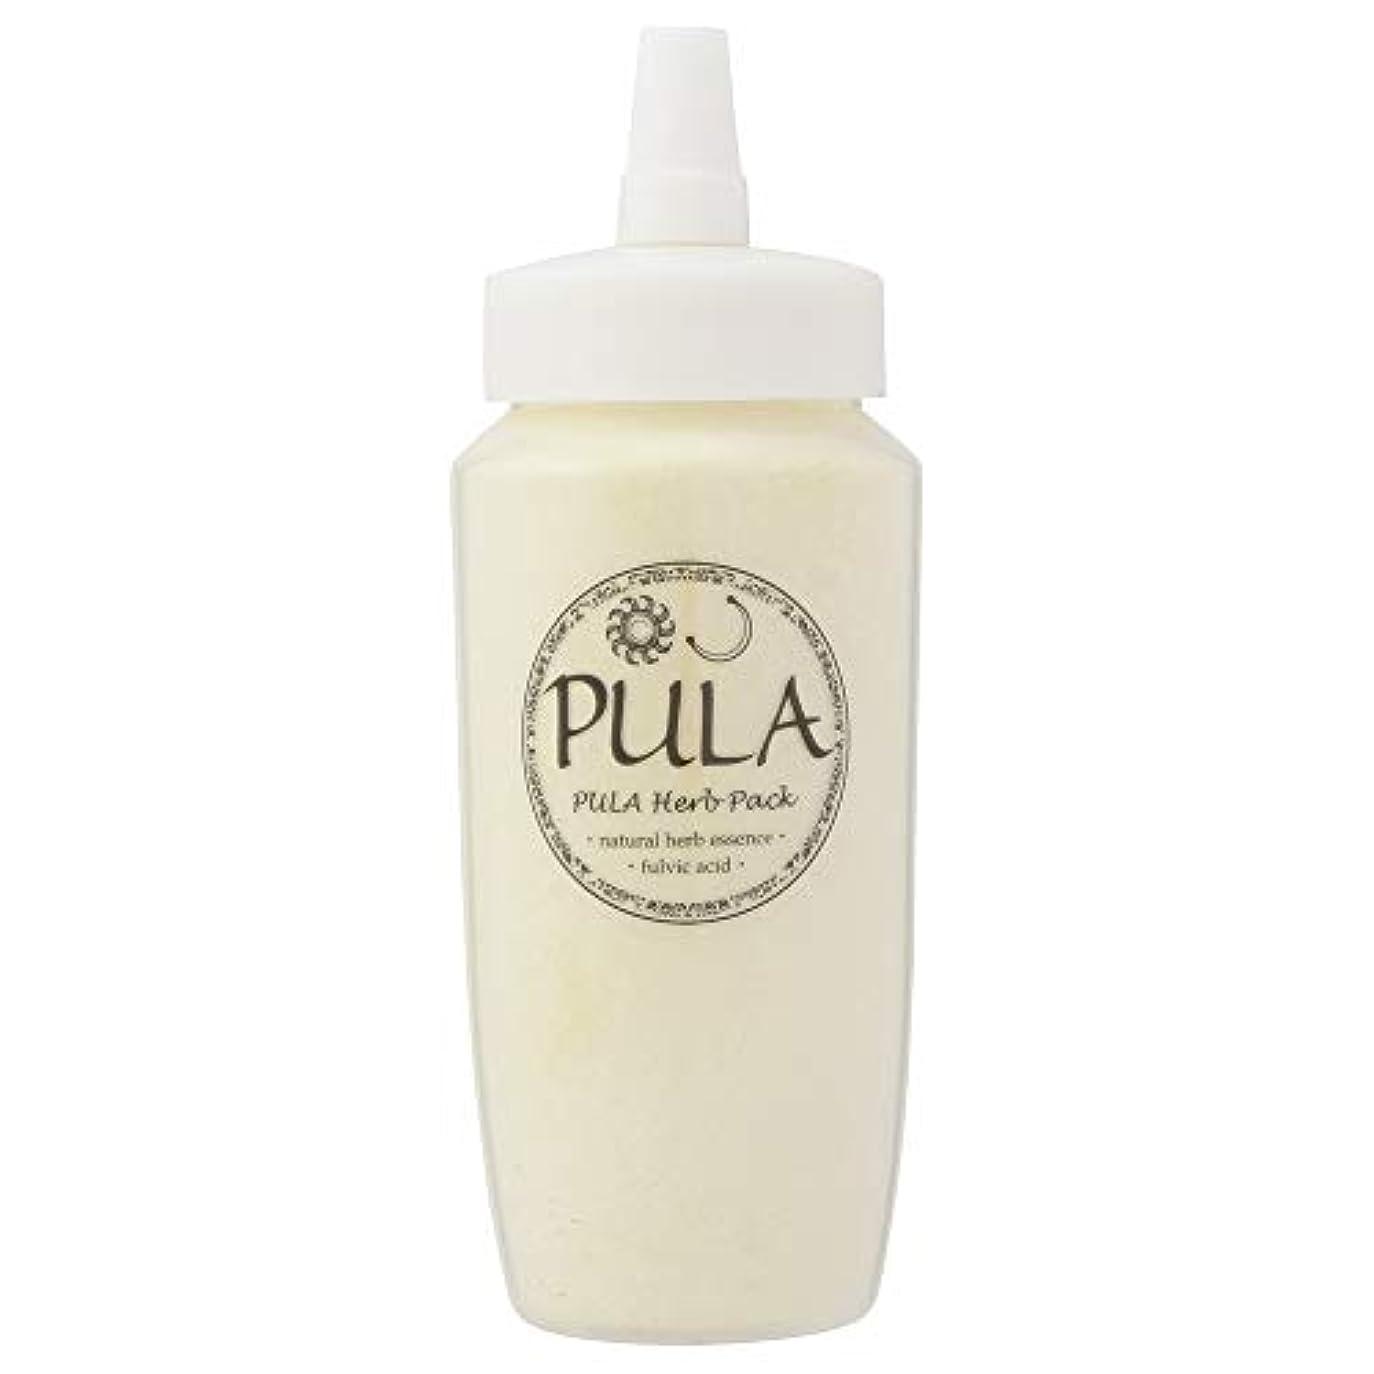 ポインタ神のトラフプーラ ハーブパック 200g (頭皮用パック)【ハーブ&フルボ酸】 ヘッドスパ専門店 PULA 100%自然由来配合